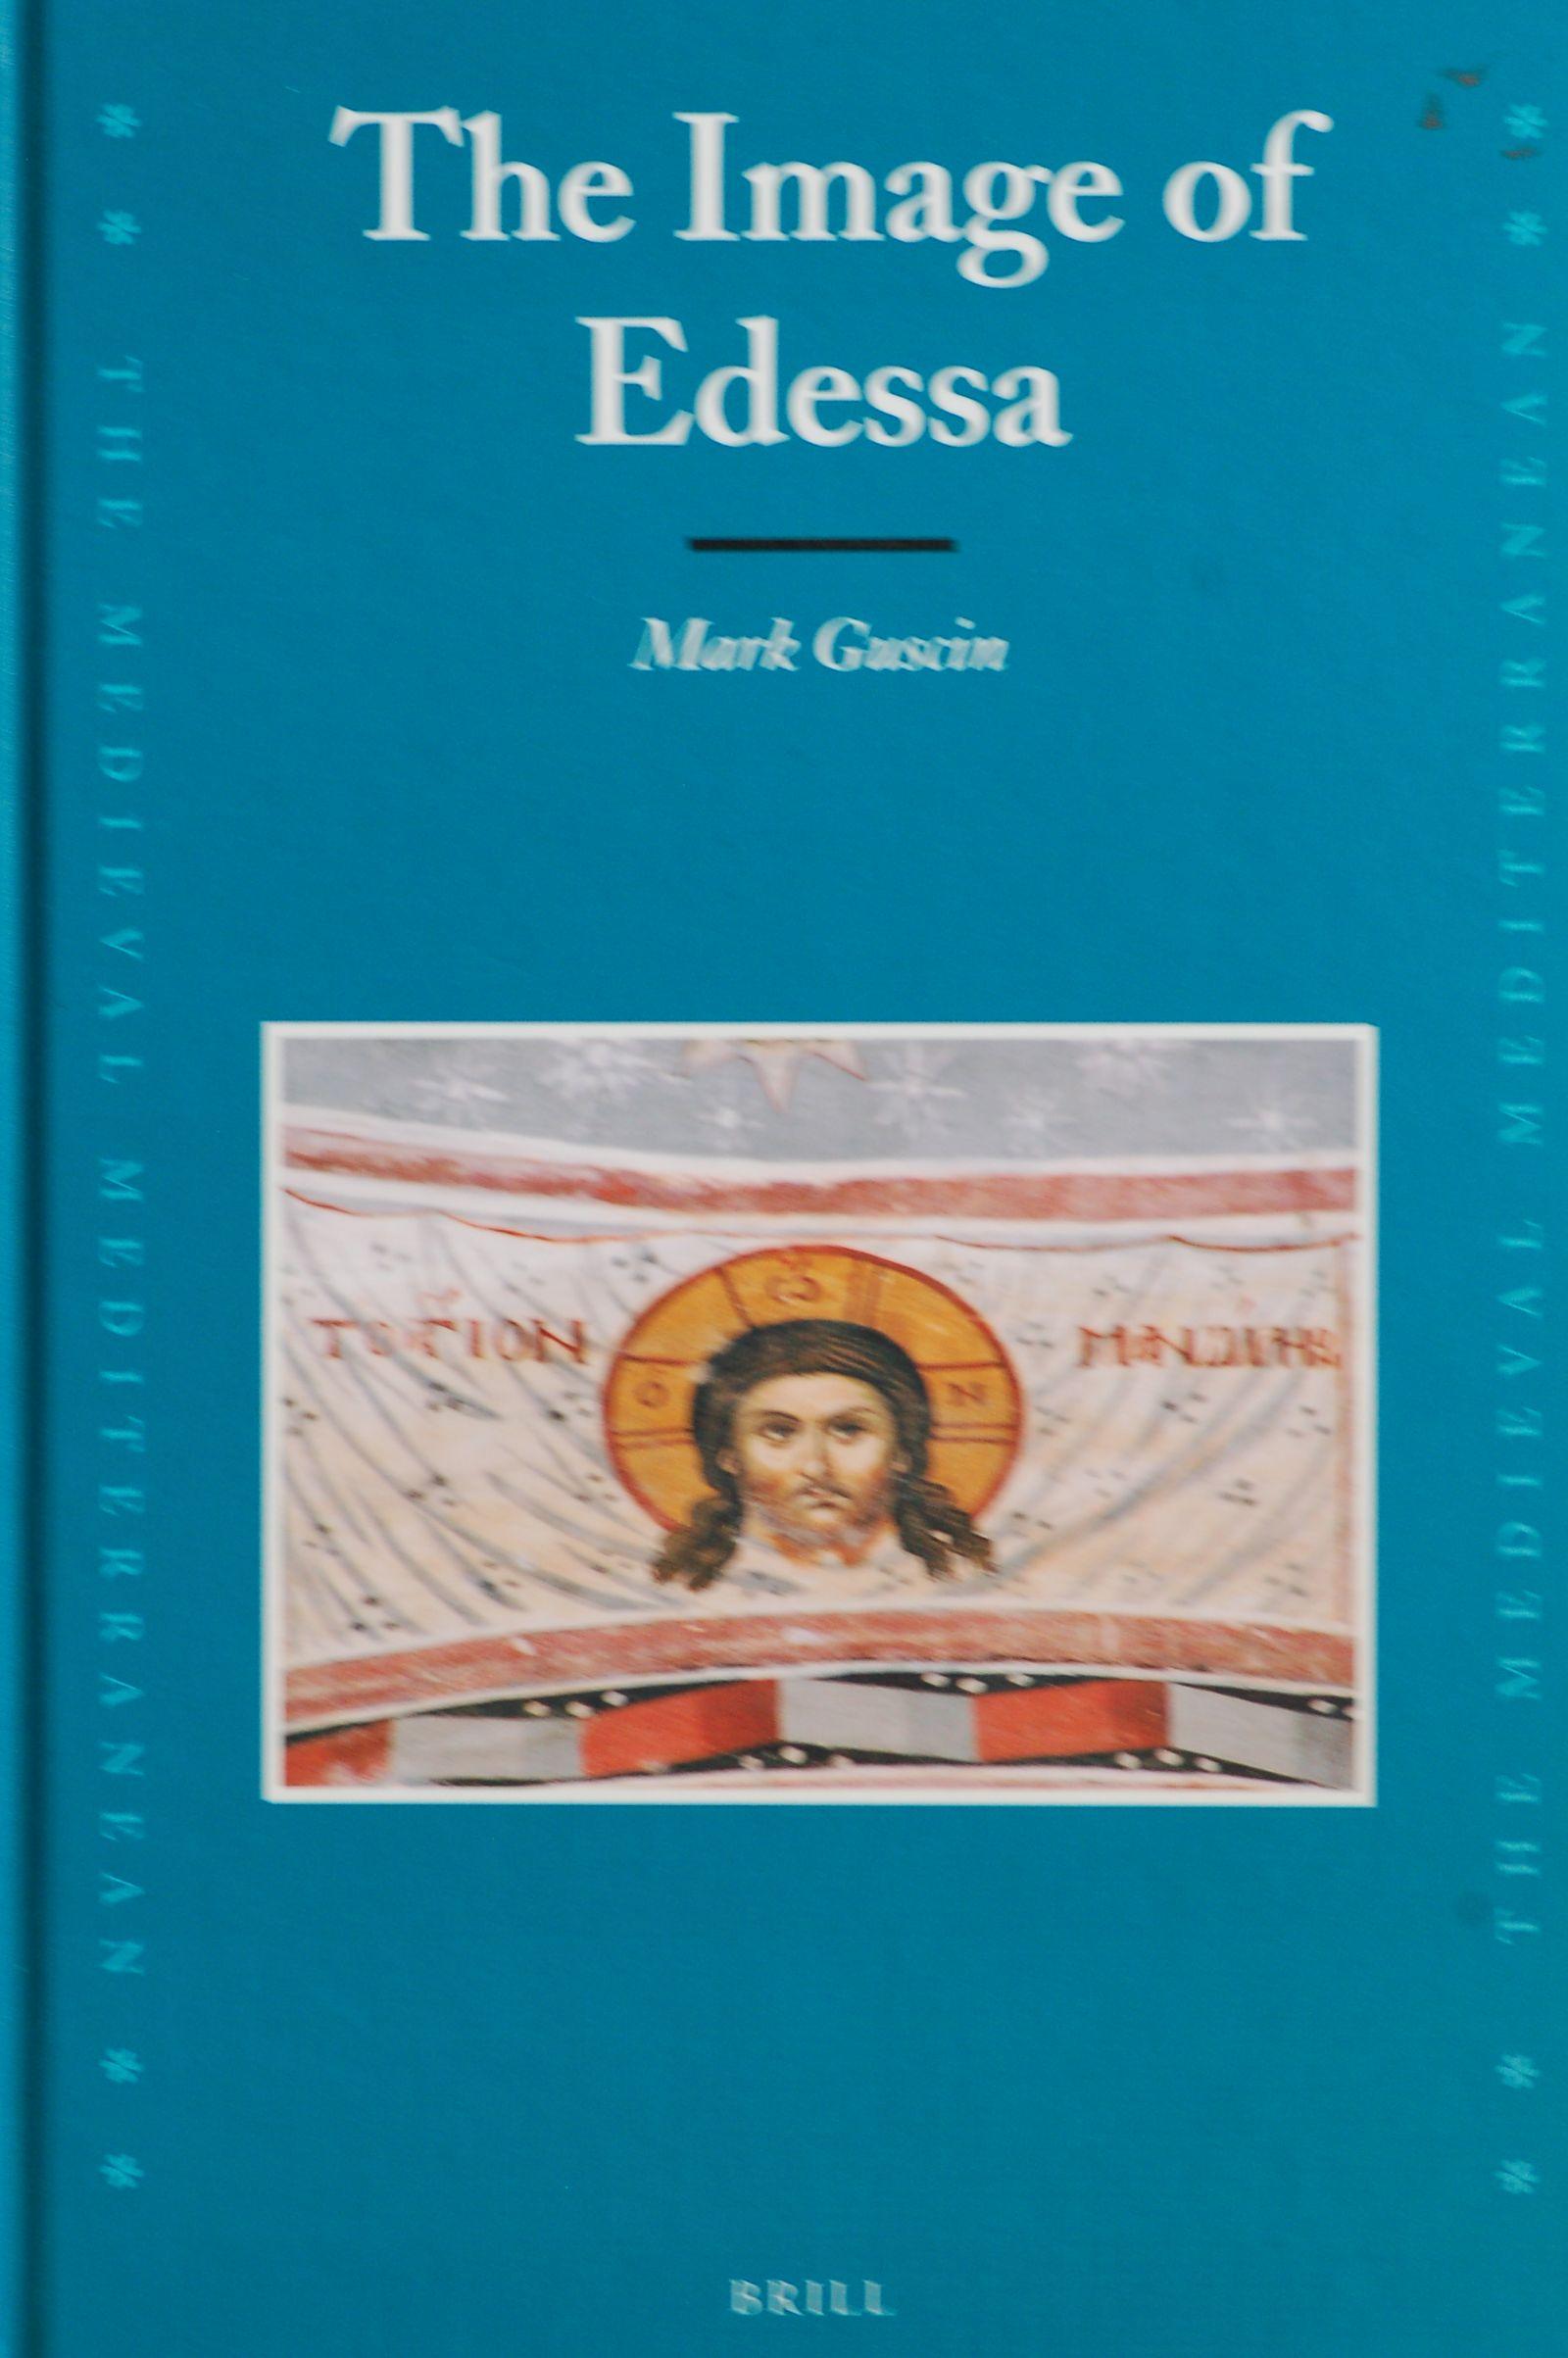 Photo 8. Book Mark Guscin